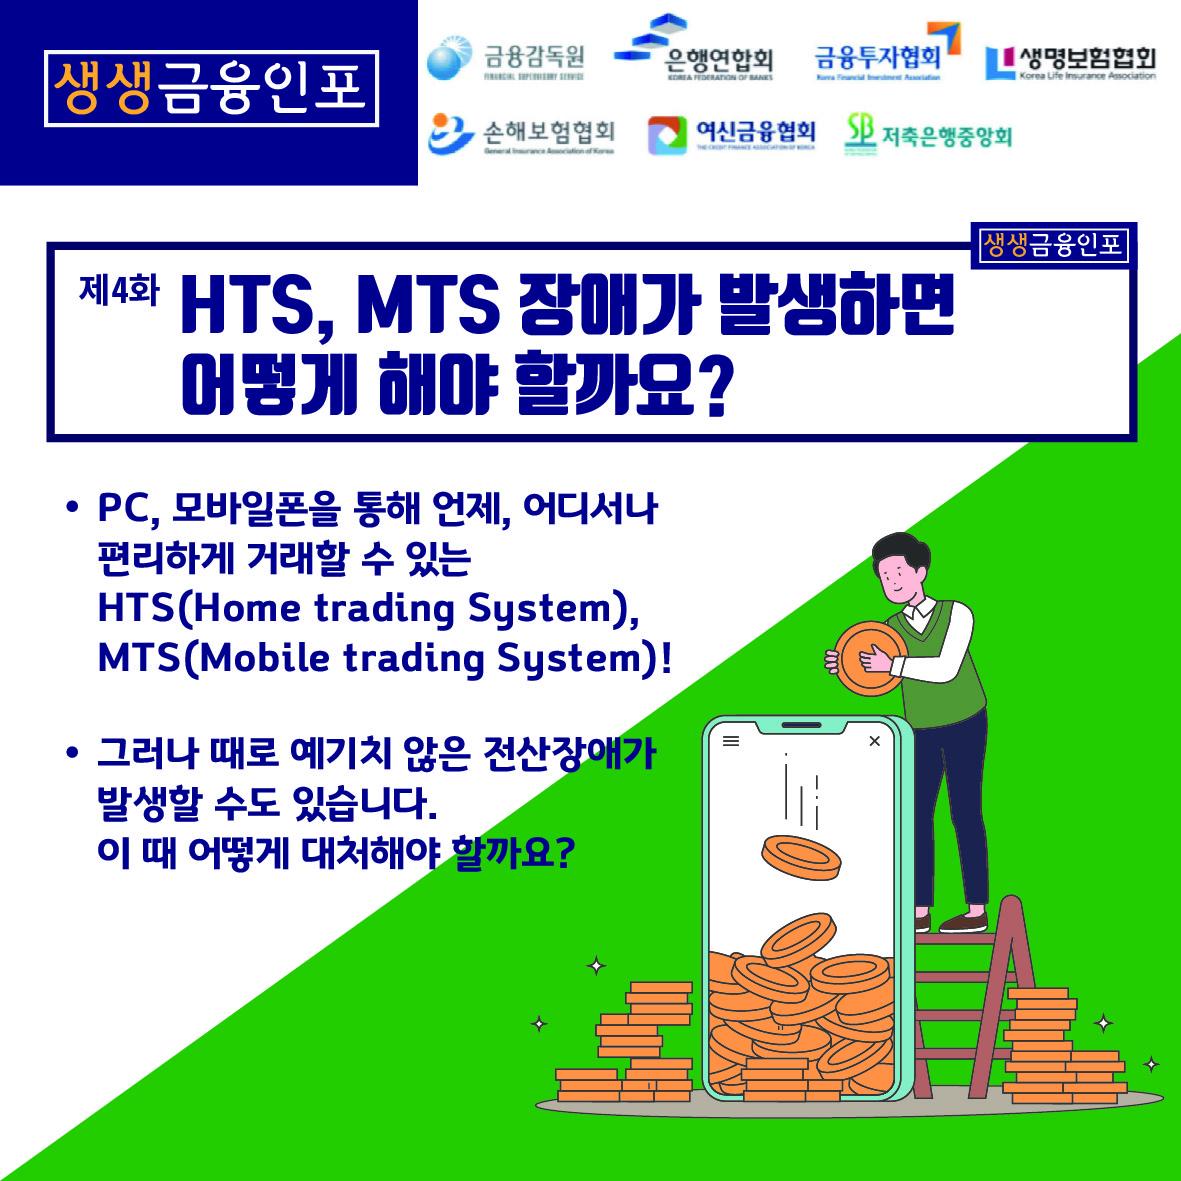 제4화  HTS, MTS 장애가 발생하면 어떻게 해야 할까요? PC, 모바일폰을 통해 언제, 어디서나 편리하게 거래할 수 있는 HTS(Home trading System), MTS(Mobile trading System)! 그러나 때로 예기치 않은 전산장애가 발생할 수도 있습니다. 이 때 어떻게 대처해야 할까요?